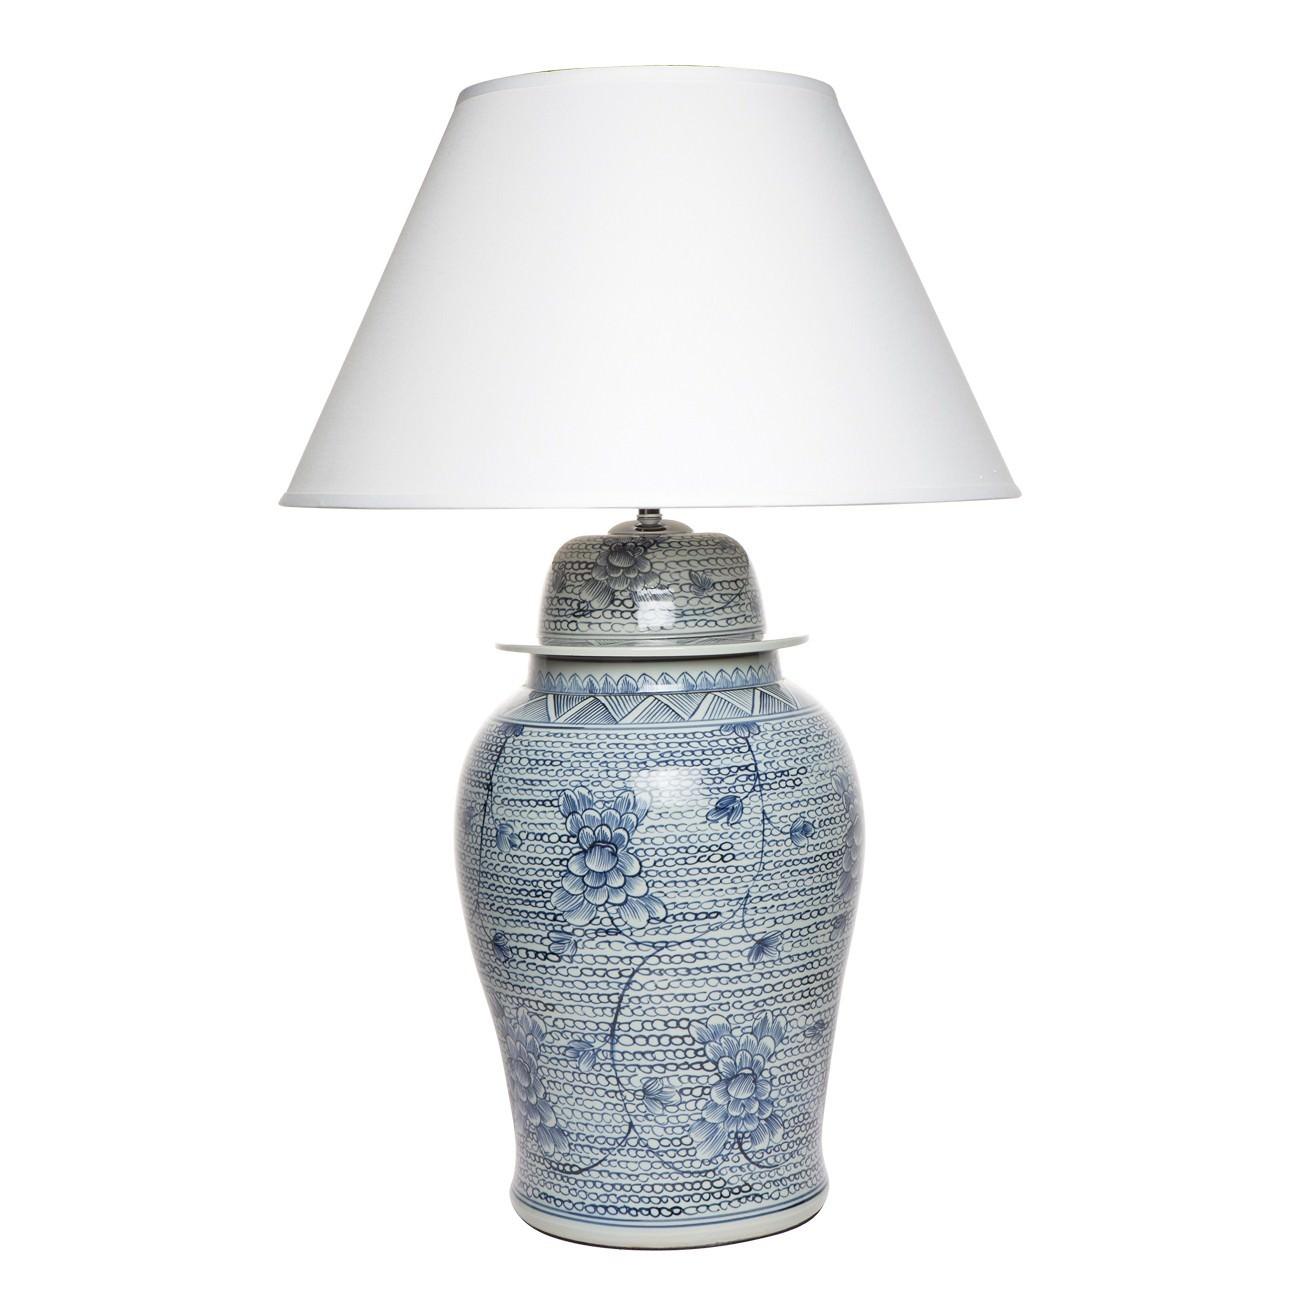 Shellcove Porcelain Base Table Lamp